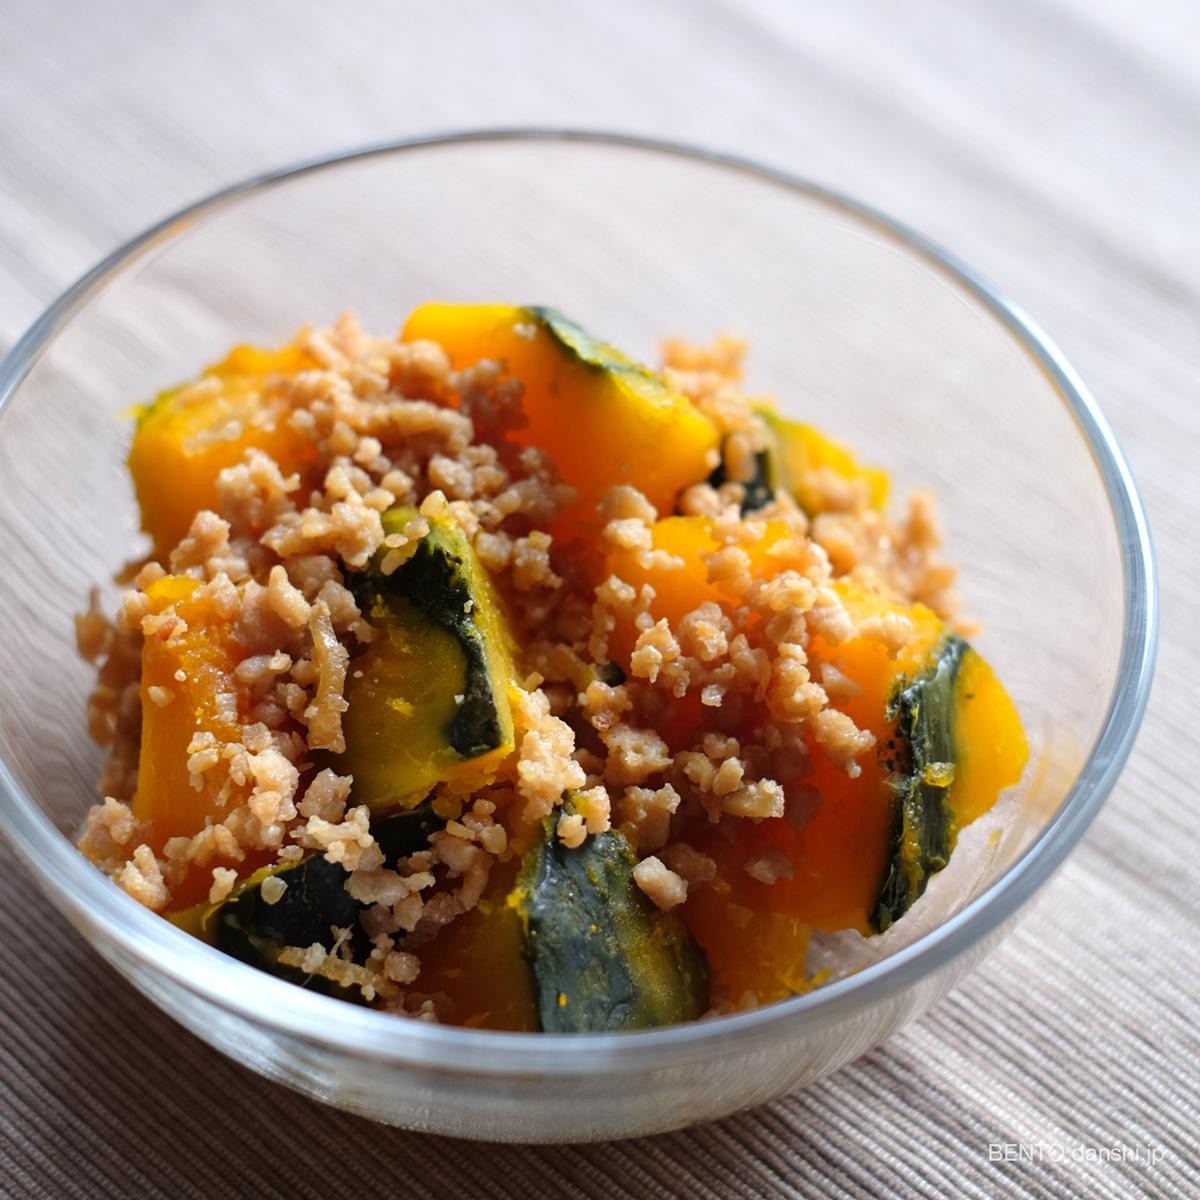 弁当の作り置き、常備菜に。ふりかけるだけの簡単お手軽・時短レシピ『かぼちゃの鶏そぼろがけ』